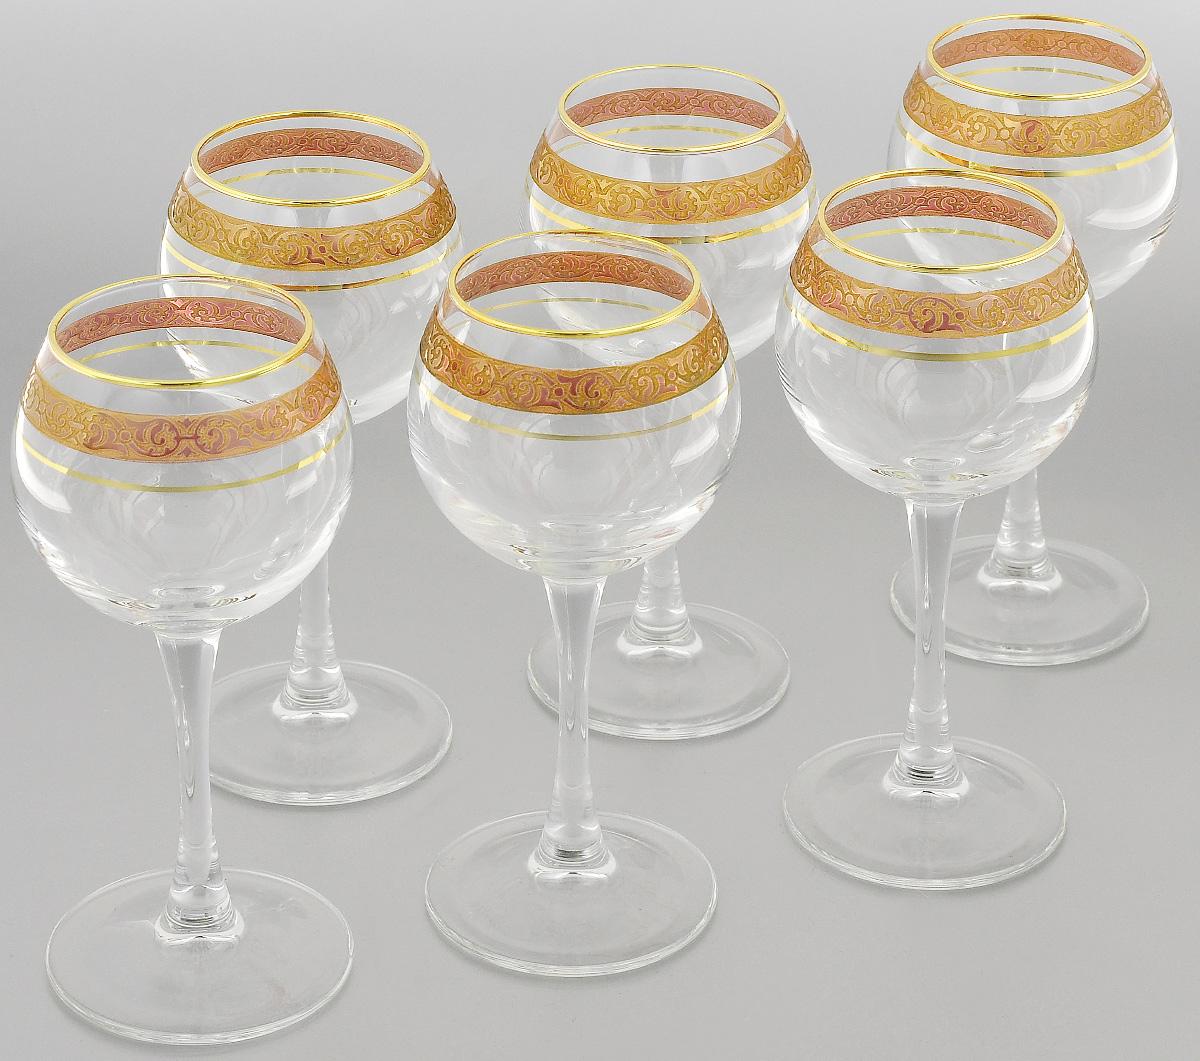 Набор фужеров Гусь-Хрустальный Махараджа, цвет: прозрачный, золотистый, розовый, 210 мл, 6 штVT-1520(SR)Набор Гусь-Хрустальный Махараджа состоит из 6 фужеров на изящных длинных ножках, изготовленных из высококачественного натрий-кальций-силикатного стекла. Изделия предназначены для подачи холодных напитков, вина и многого другого. Фужеры оформлены красивым зеркальным покрытием с матовым орнаментом. Такой набор прекрасно дополнит праздничный стол и станет желанным подарком в любом доме. Разрешается мыть в посудомоечной машине. Диаметр фужера (по верхнему краю): 5,5 см. Высота фужера: 17 см.